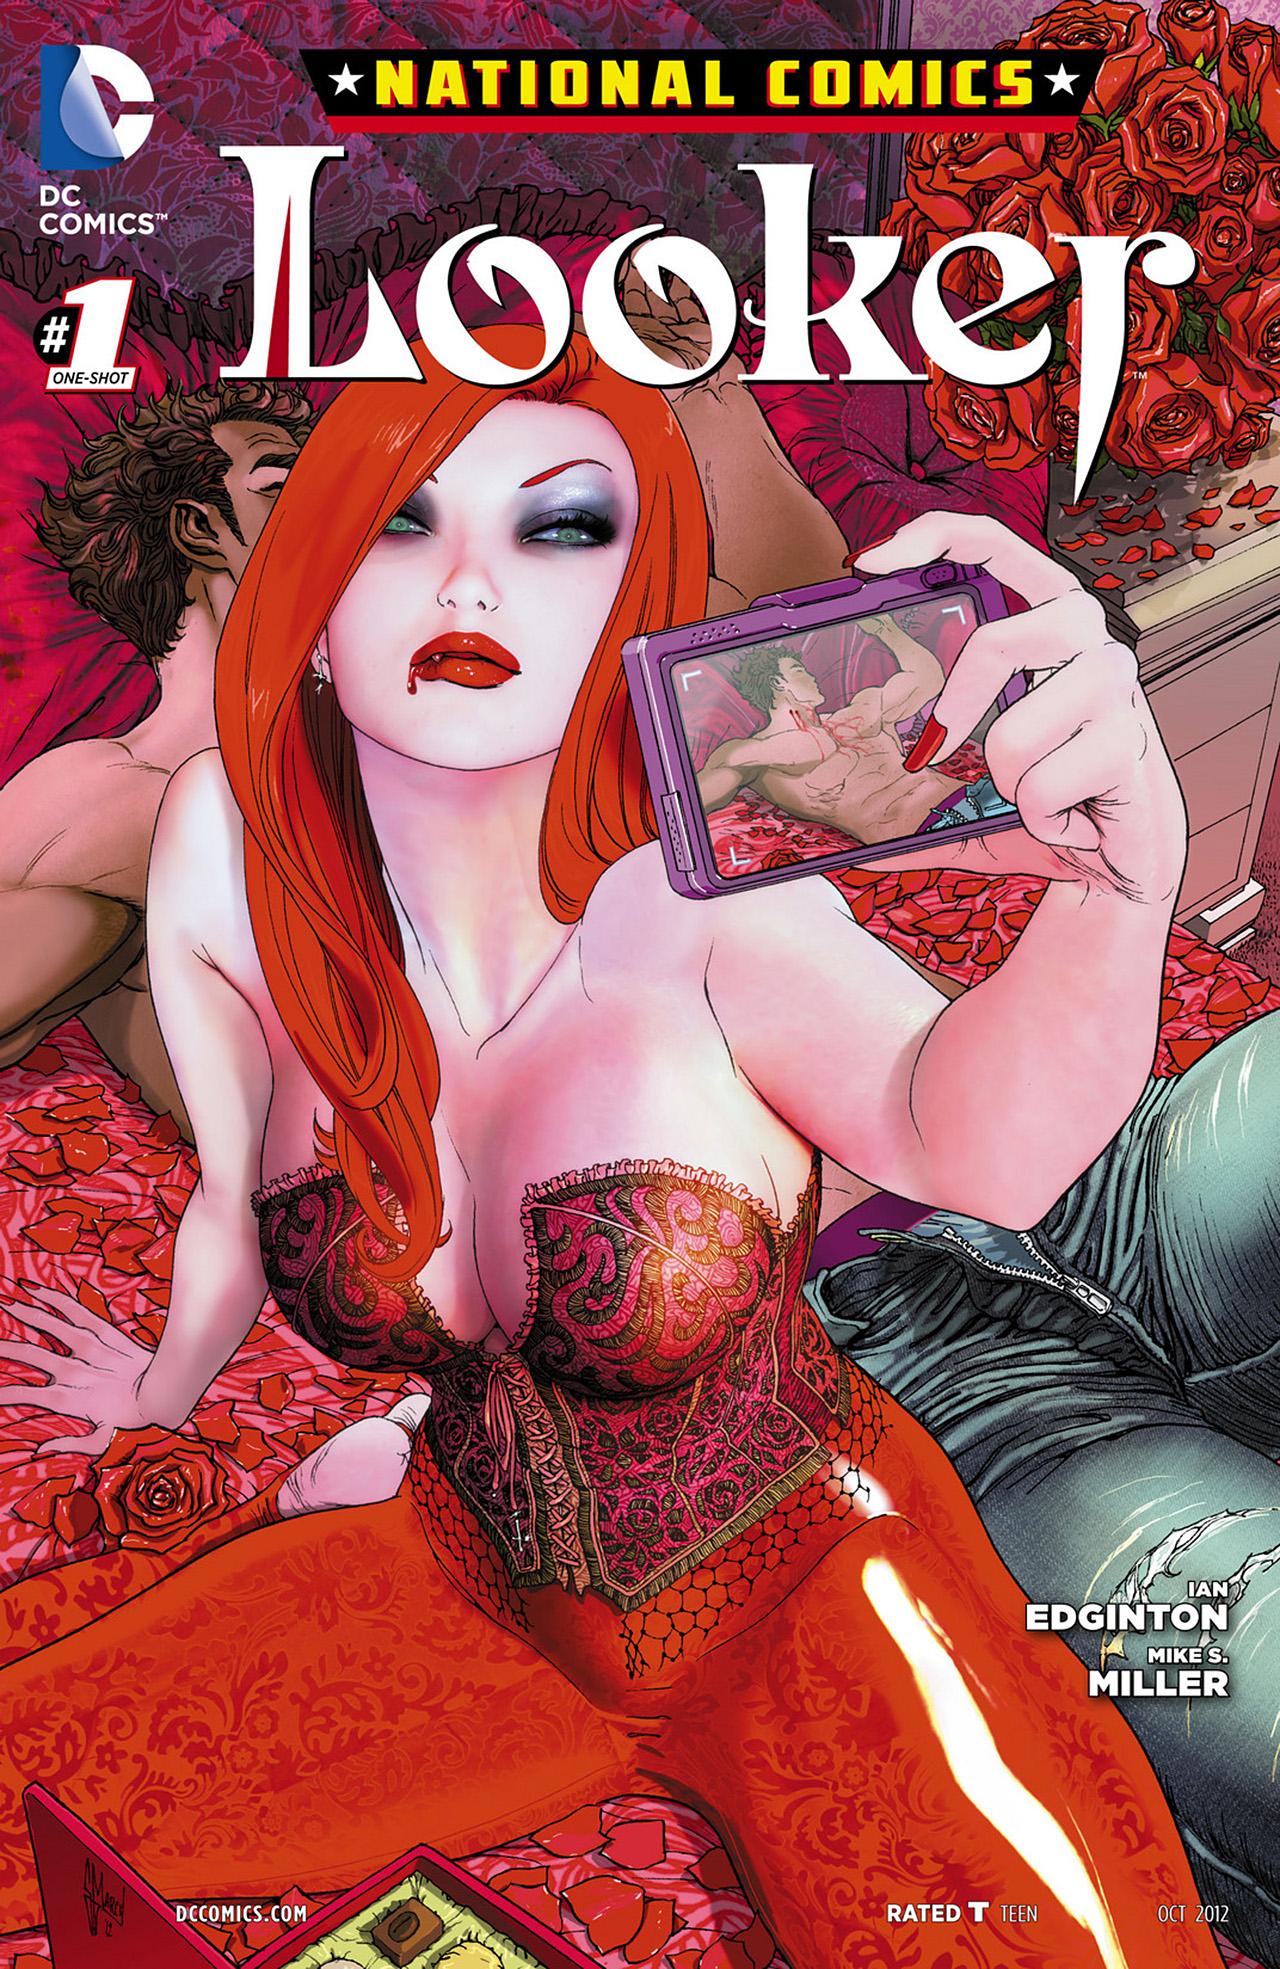 National Comics: Looker Vol 1 1